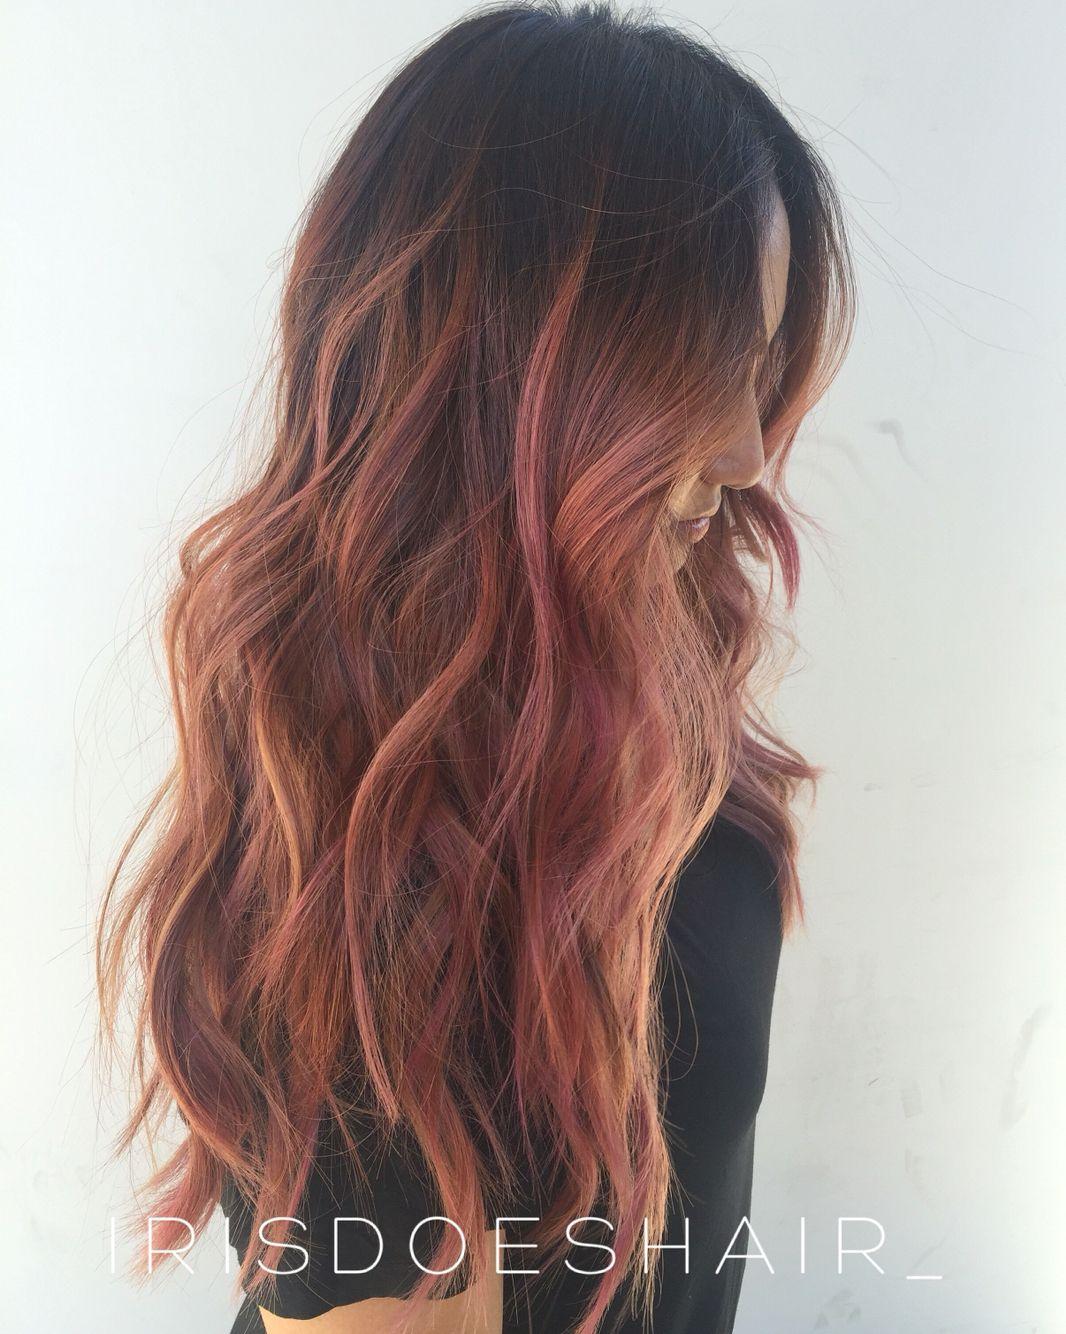 Pin Di Hair By Irisdoeshair